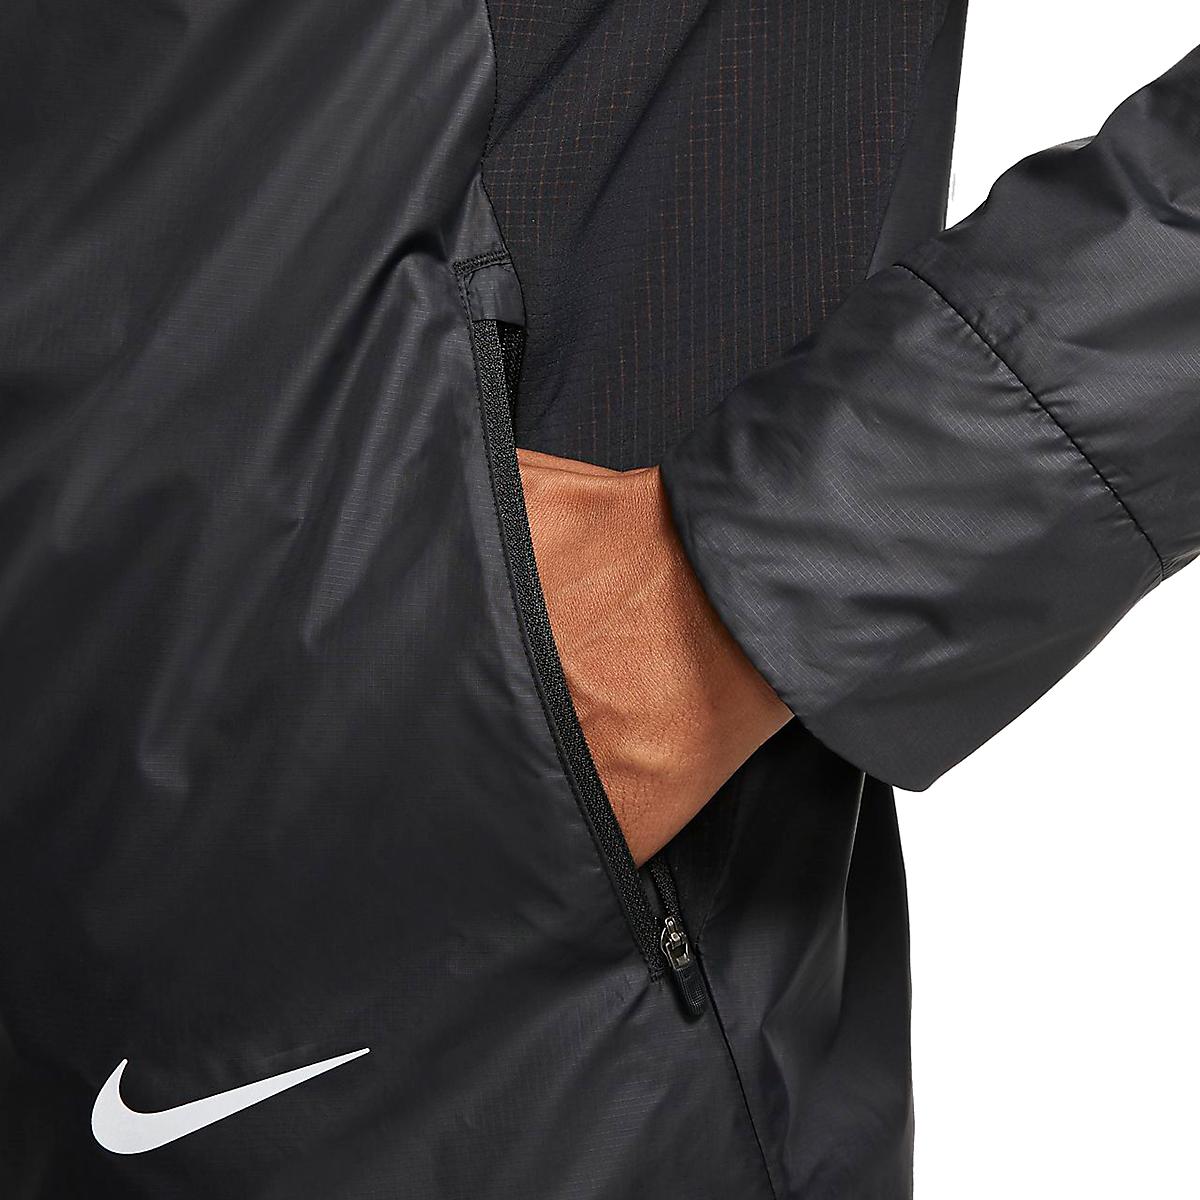 Men's Nike Essential Jacket  - Color: Black/Reflective - Size: S, Black/Reflective, large, image 3